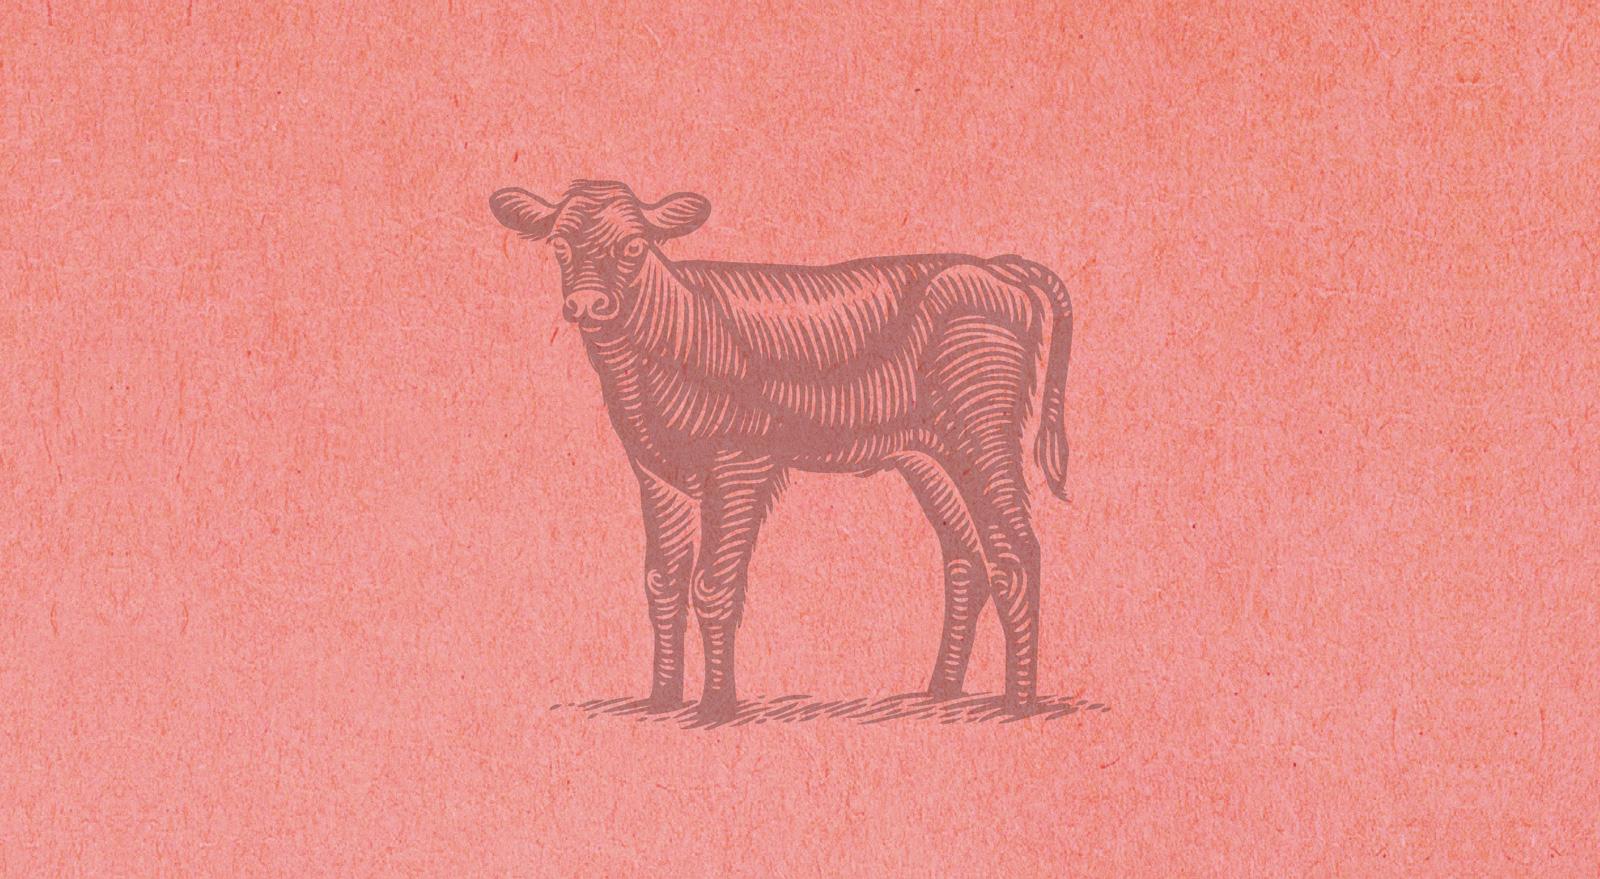 Авторская гравюра с изображением теленка продолжает фирменный стиль «Мираторг»